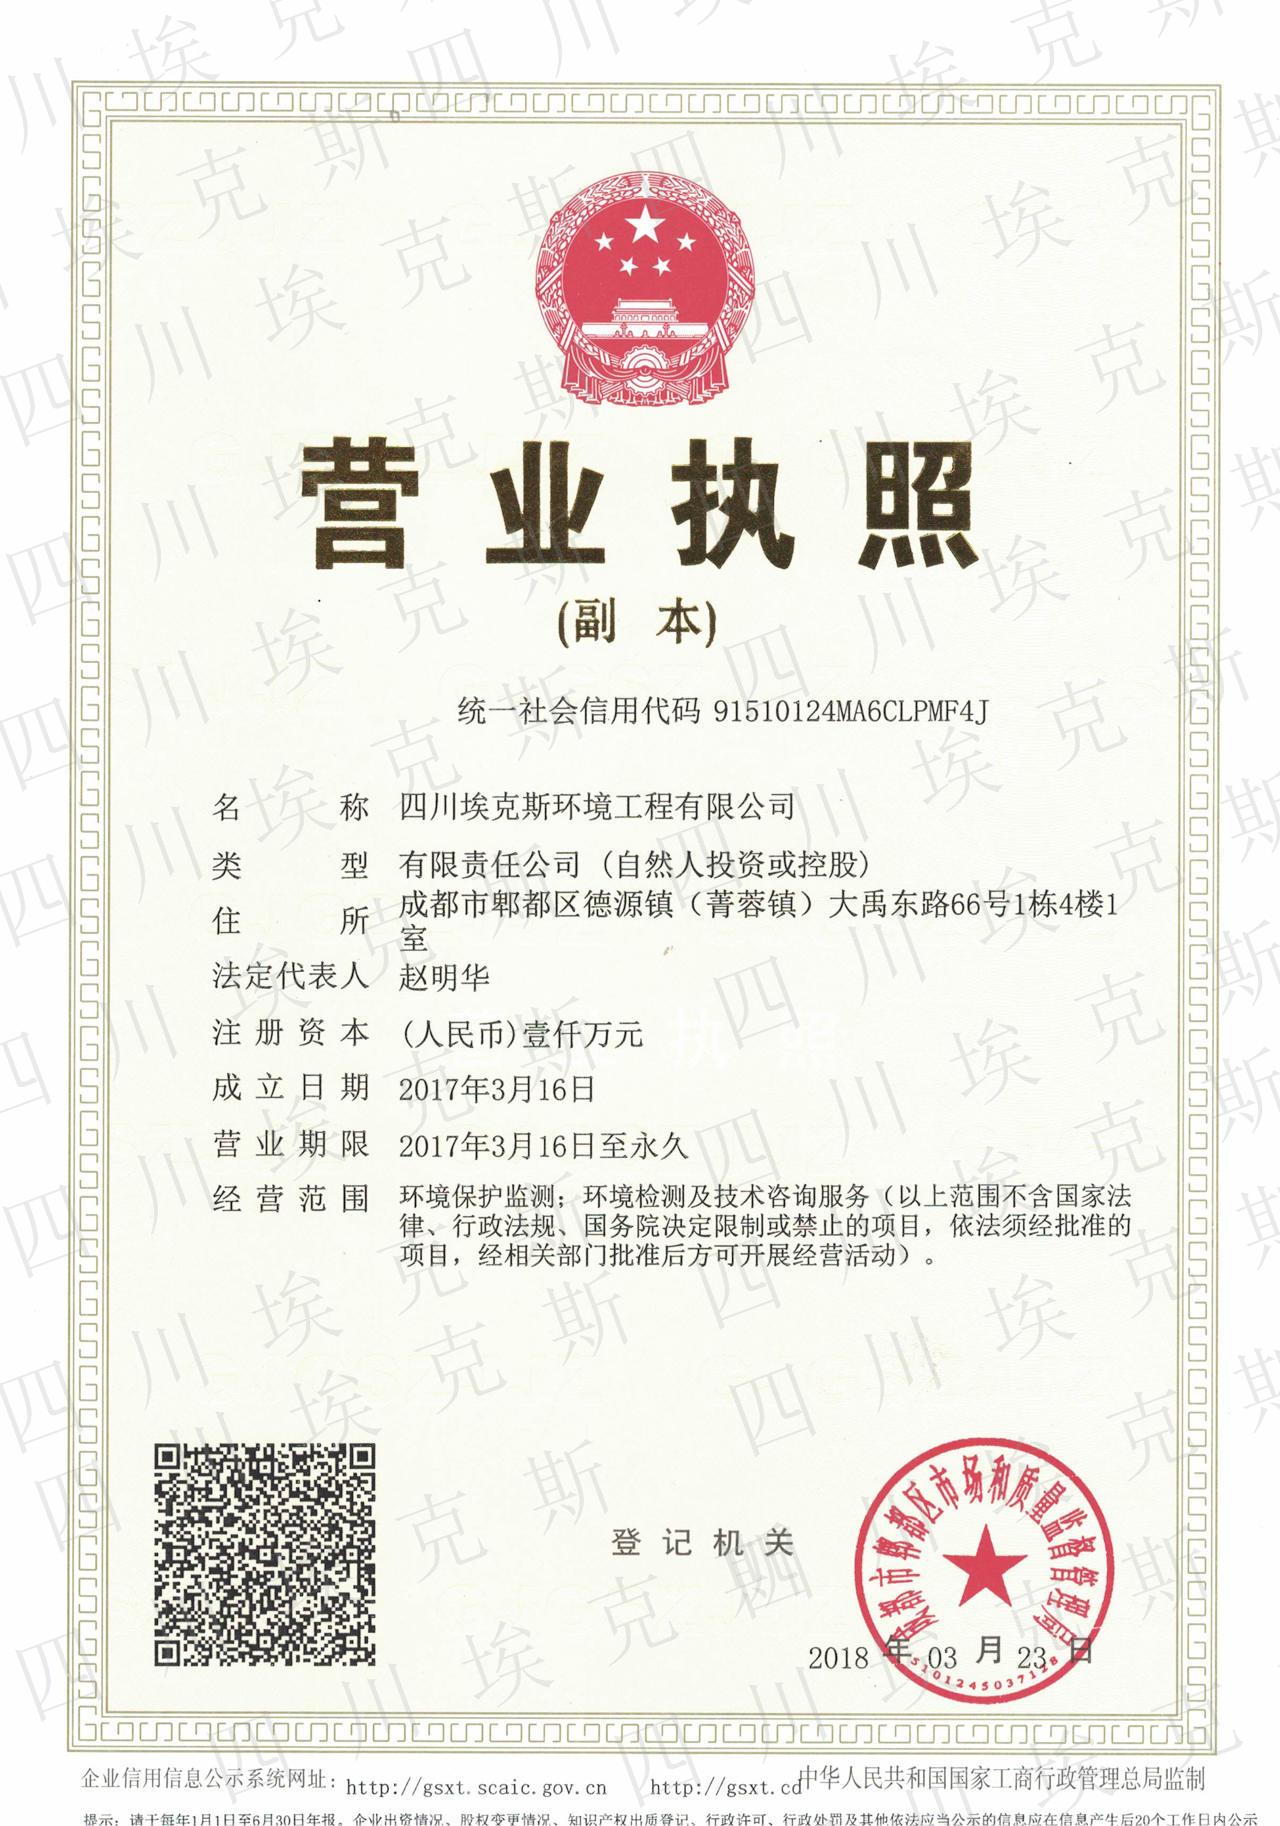 四川埃克斯环境工程有限公司国家认证CMA检测机构